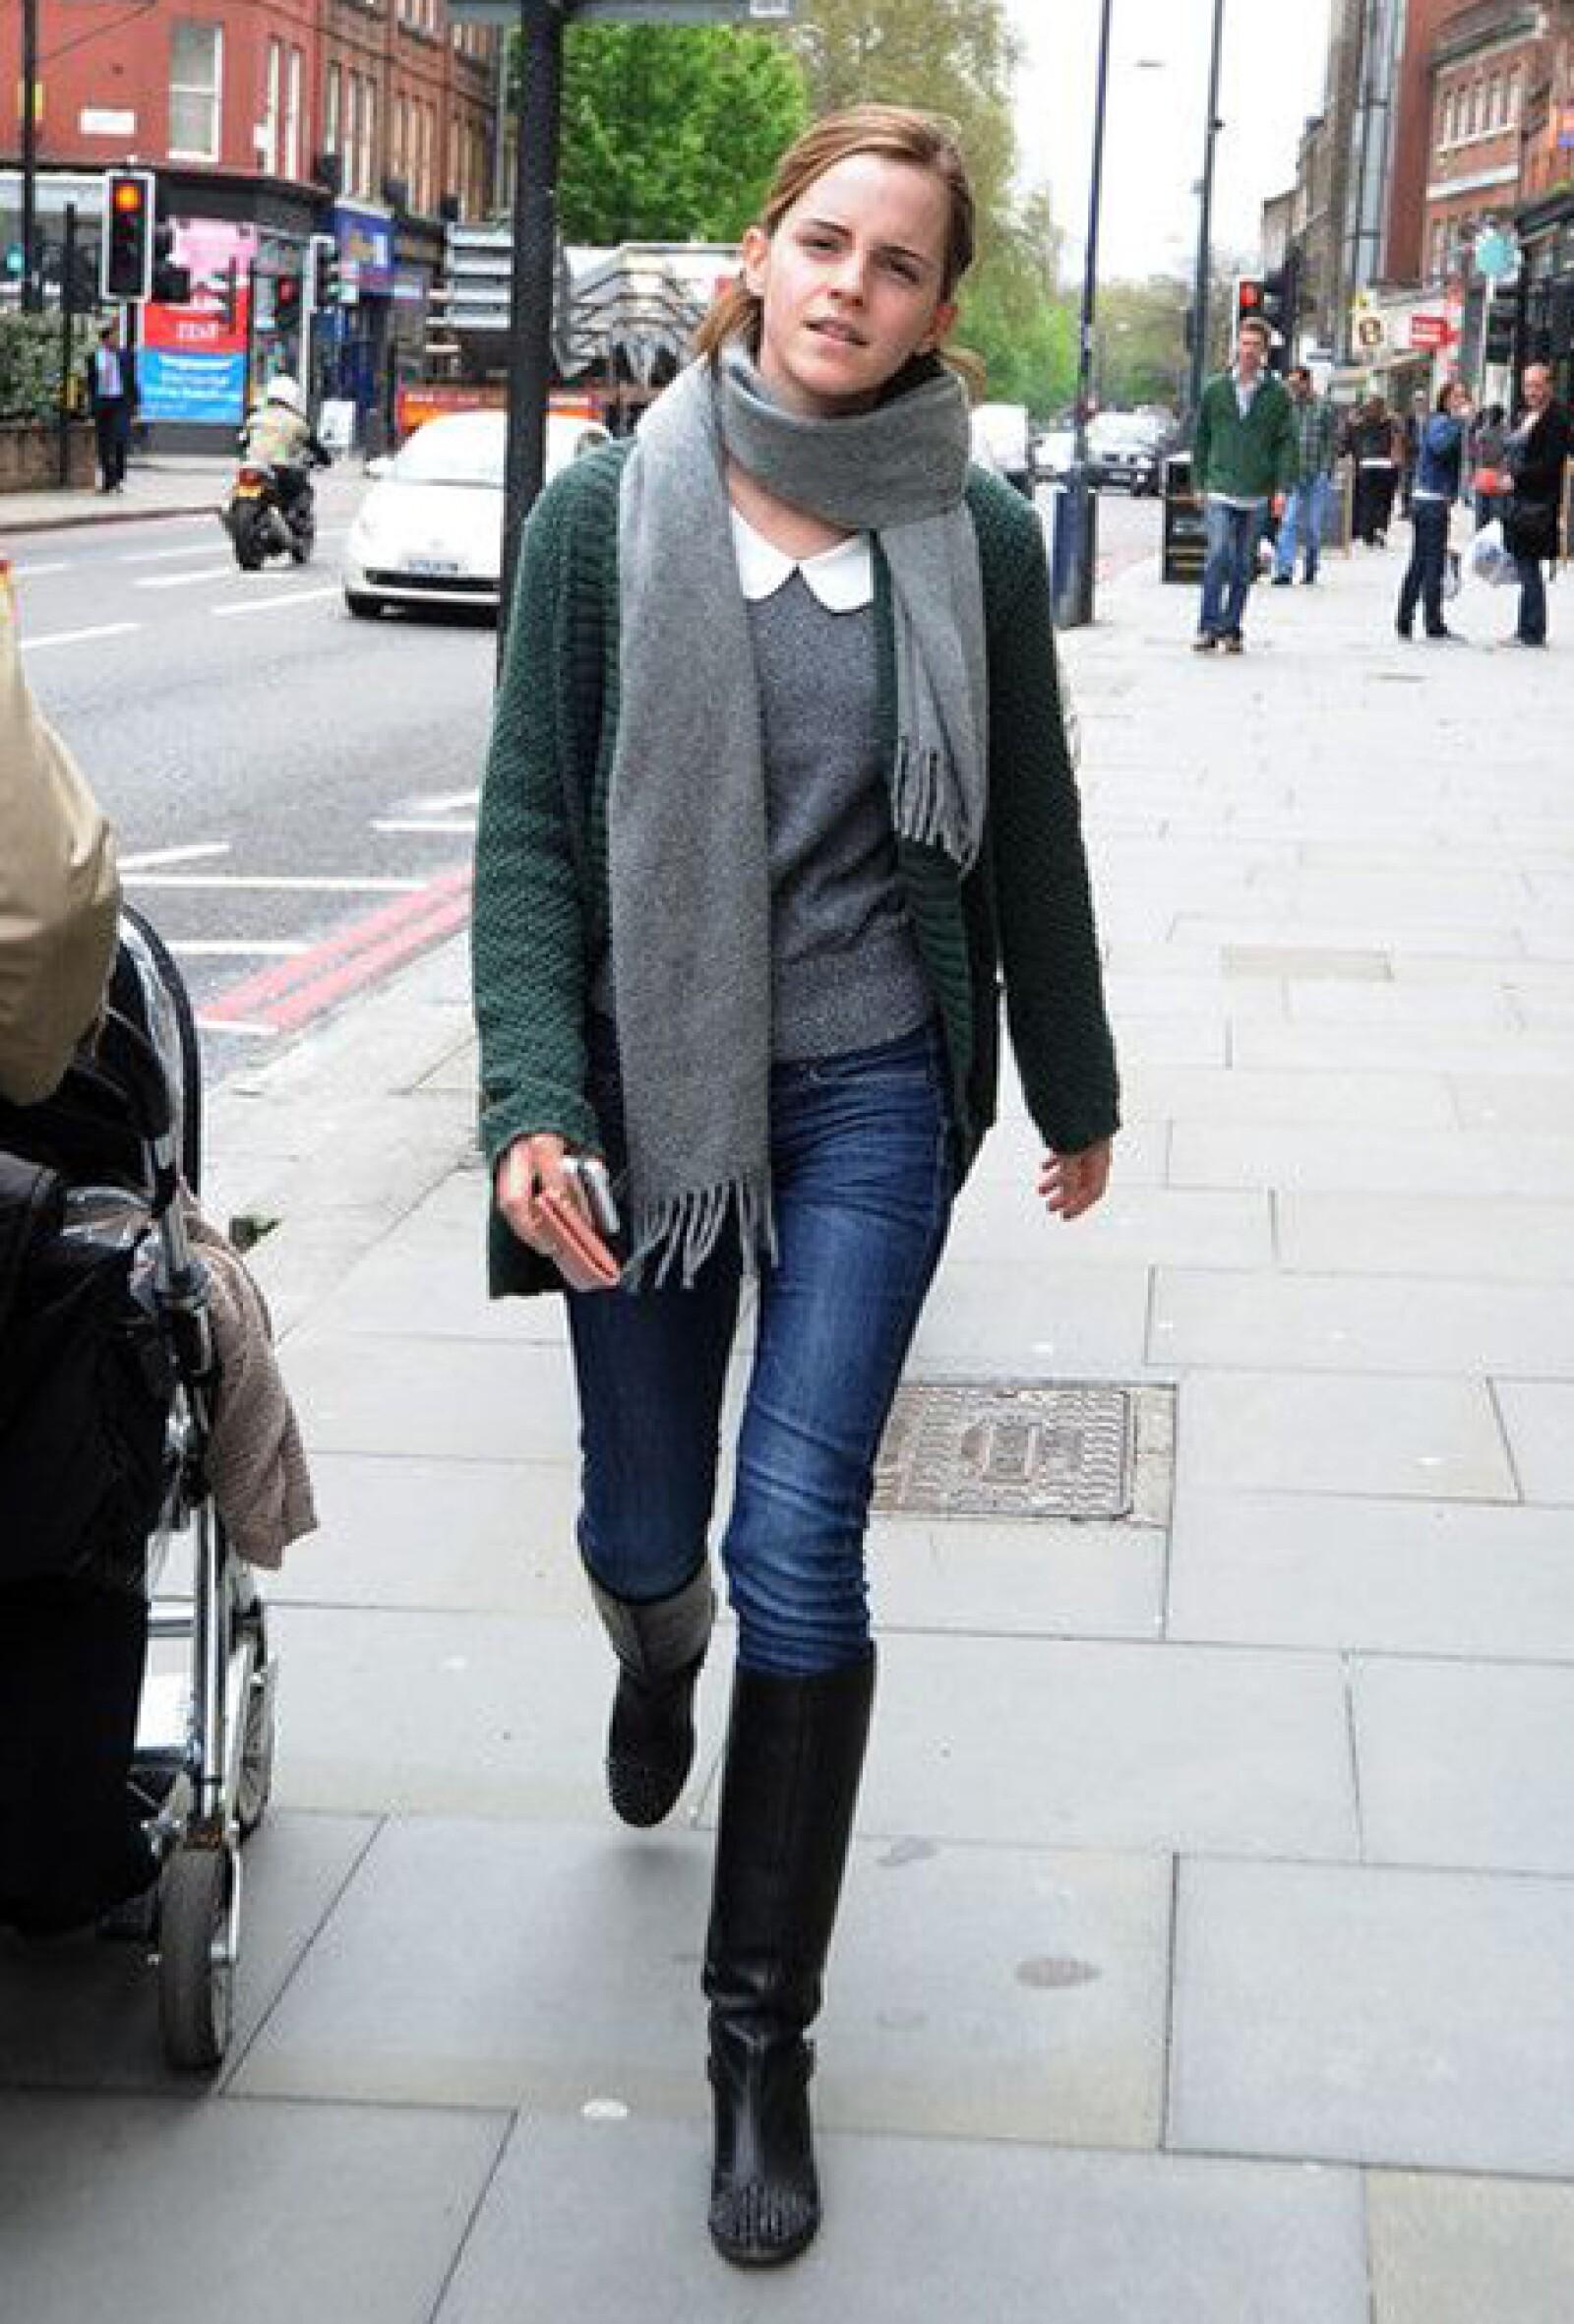 La joven, de 22 años, tiene un estilo edgy-chic.